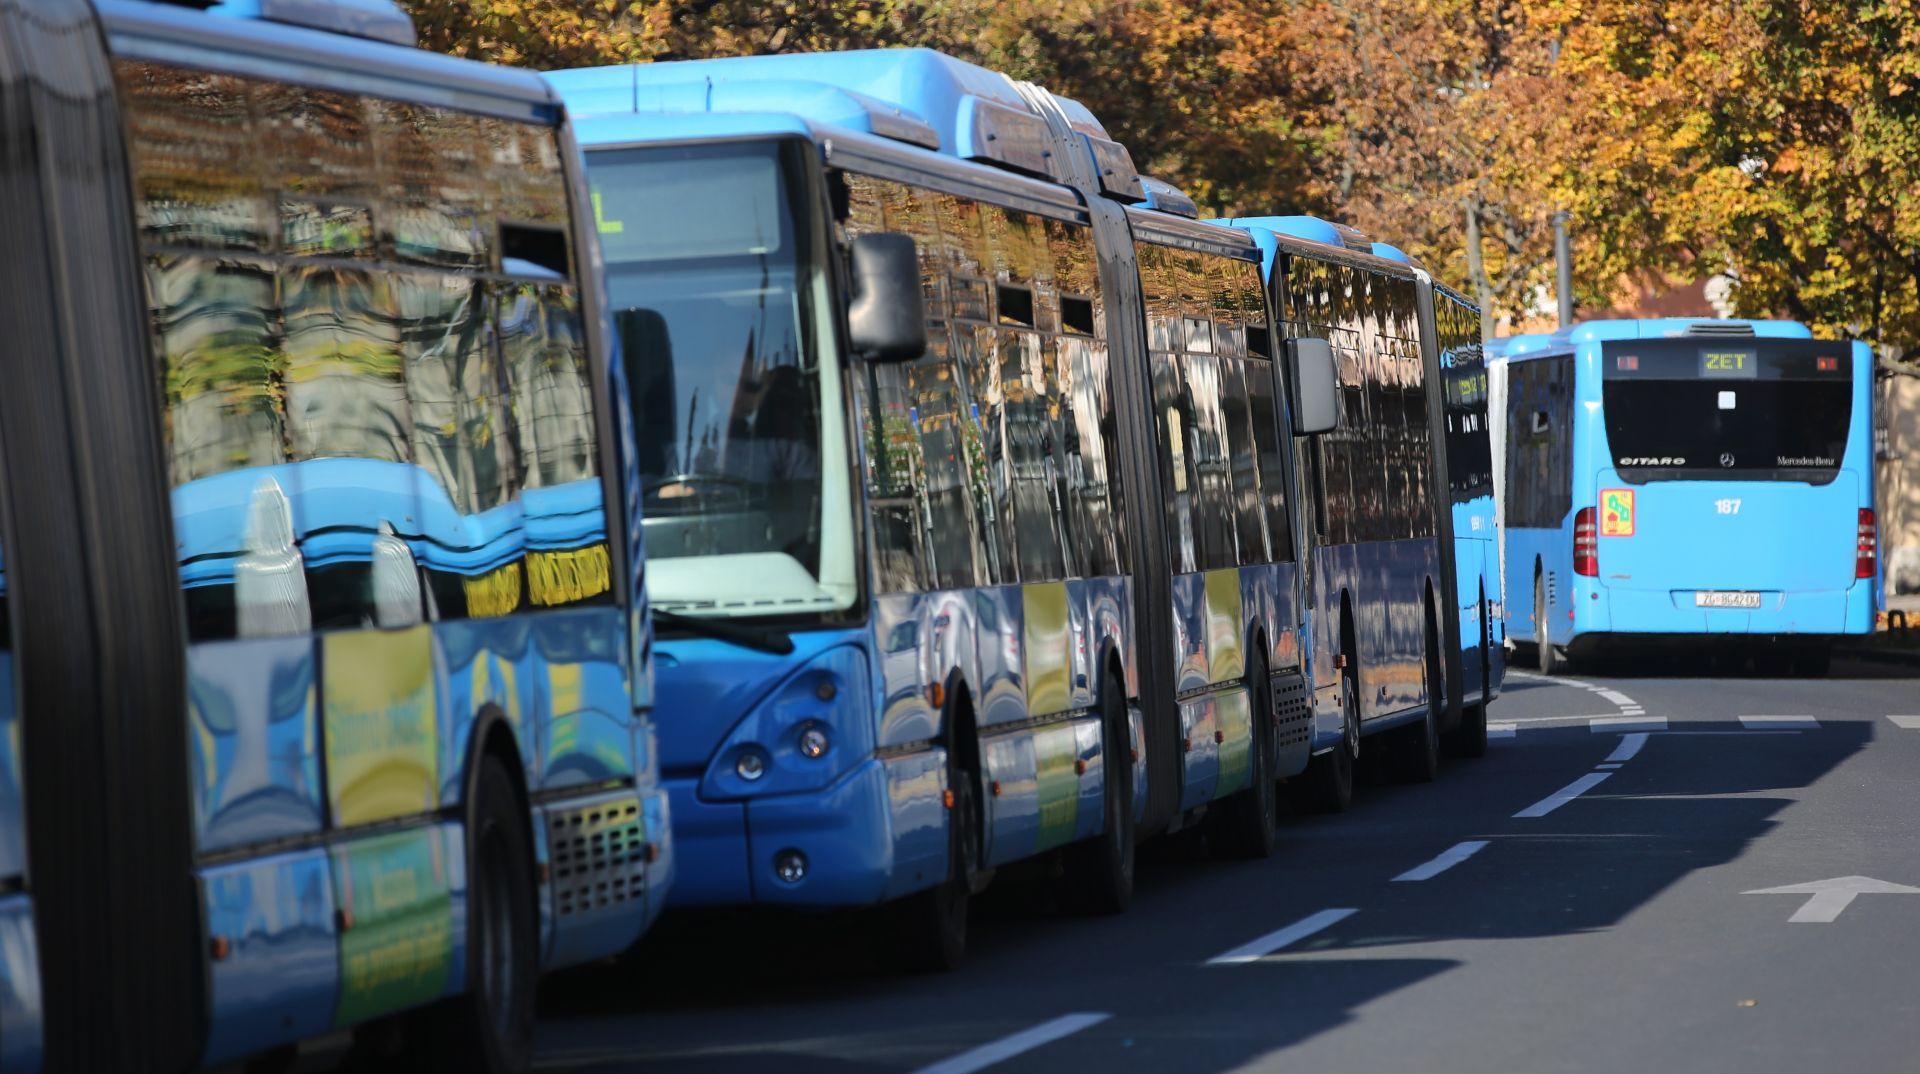 INCIDENT NA MAKSIMIRU Pijani mladić oštetio autobus pa teško ozlijedio vozača